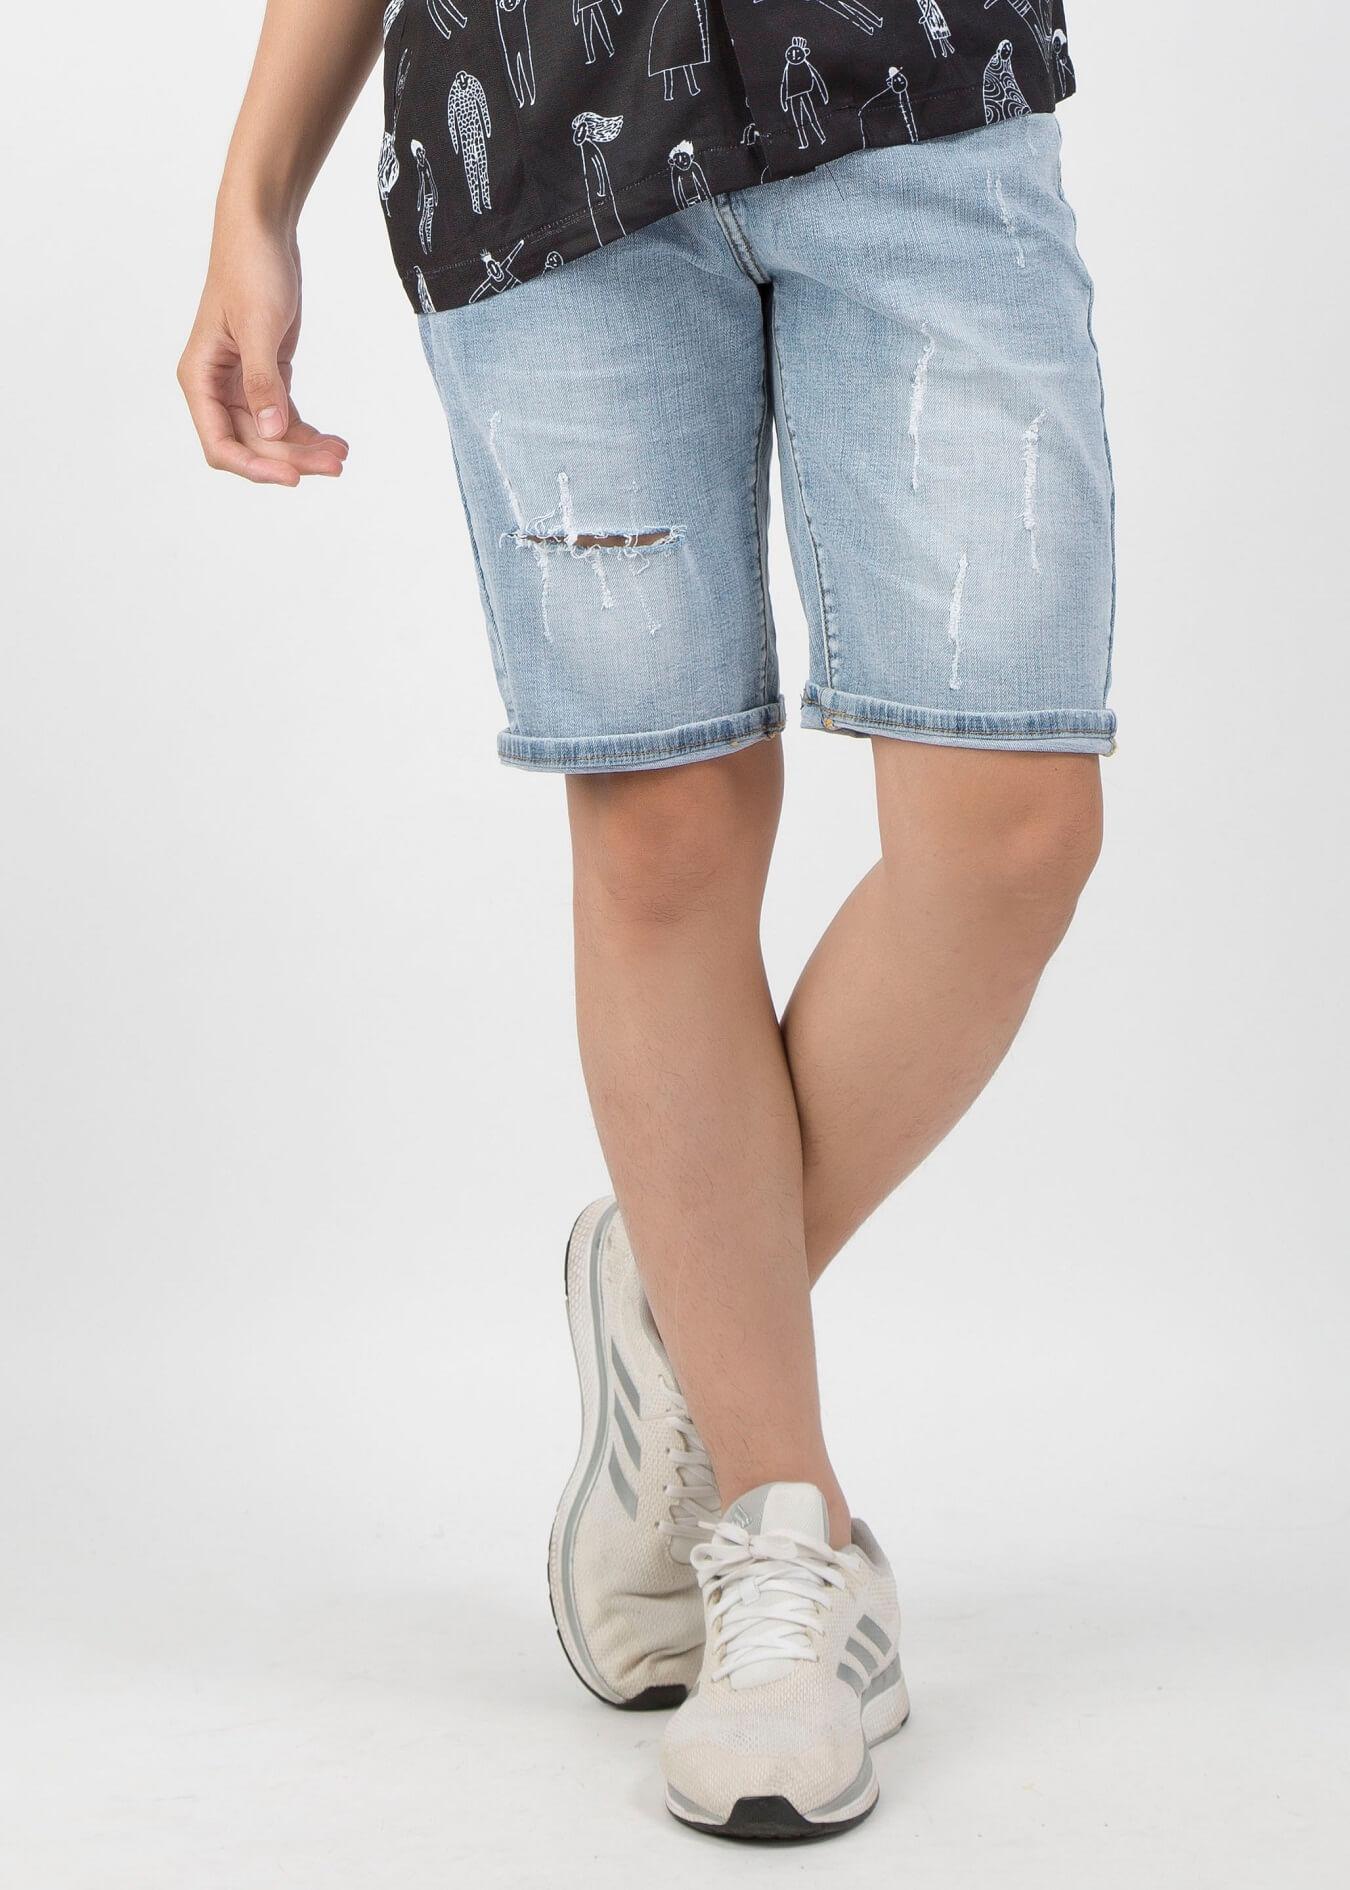 Diện quần short đẹp cho mùa hè sôi động